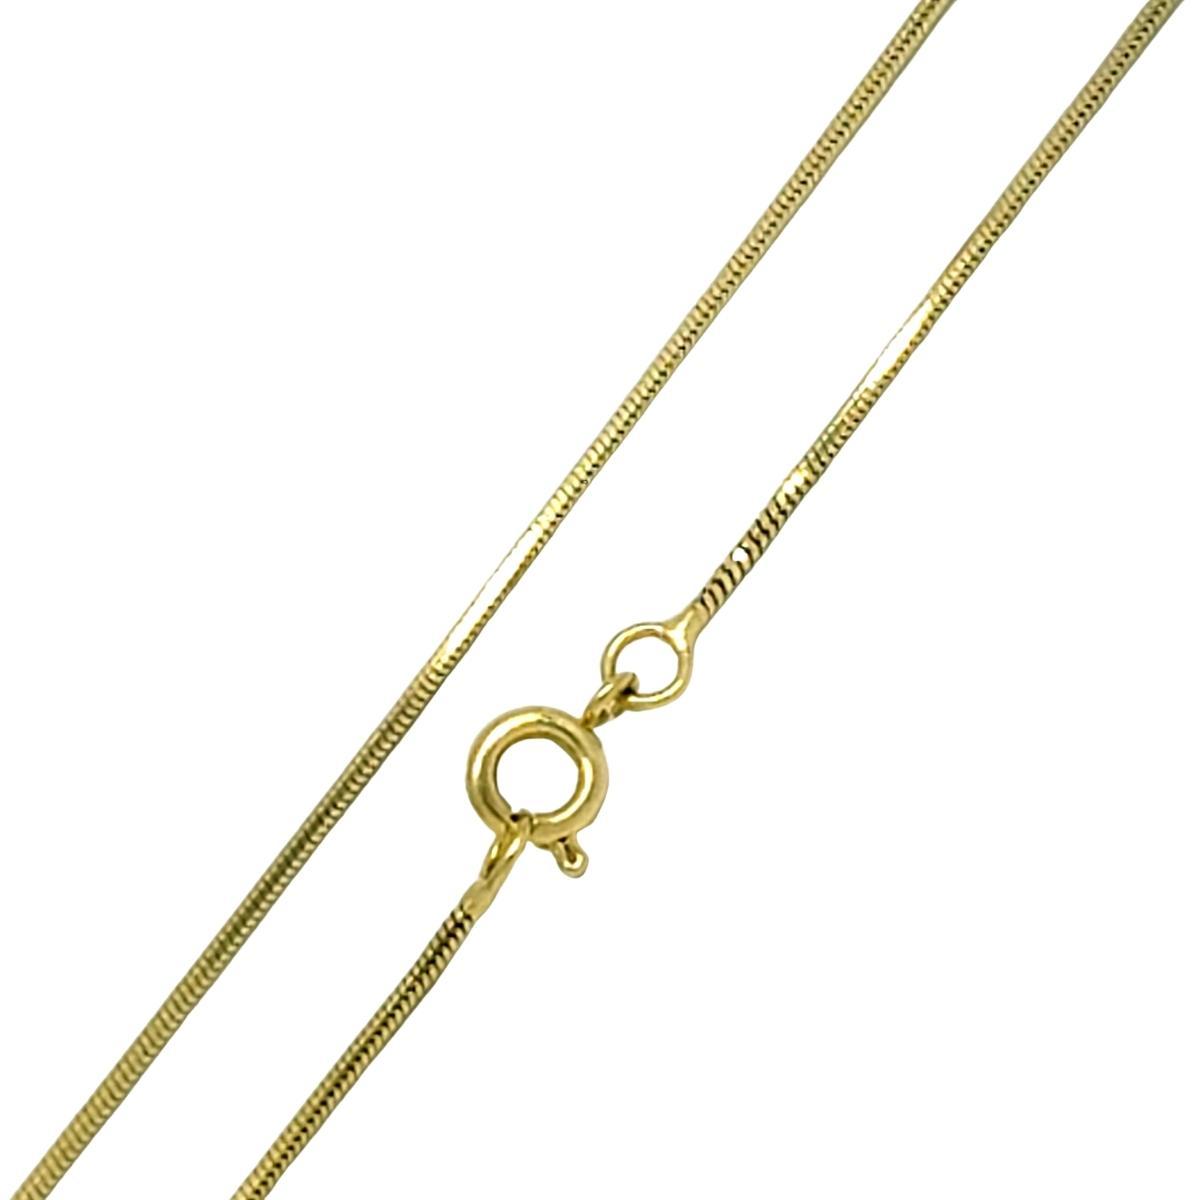 Colar Cordão Rabo De Rato 1.0 45cm Banho De Ouro 18k 1236